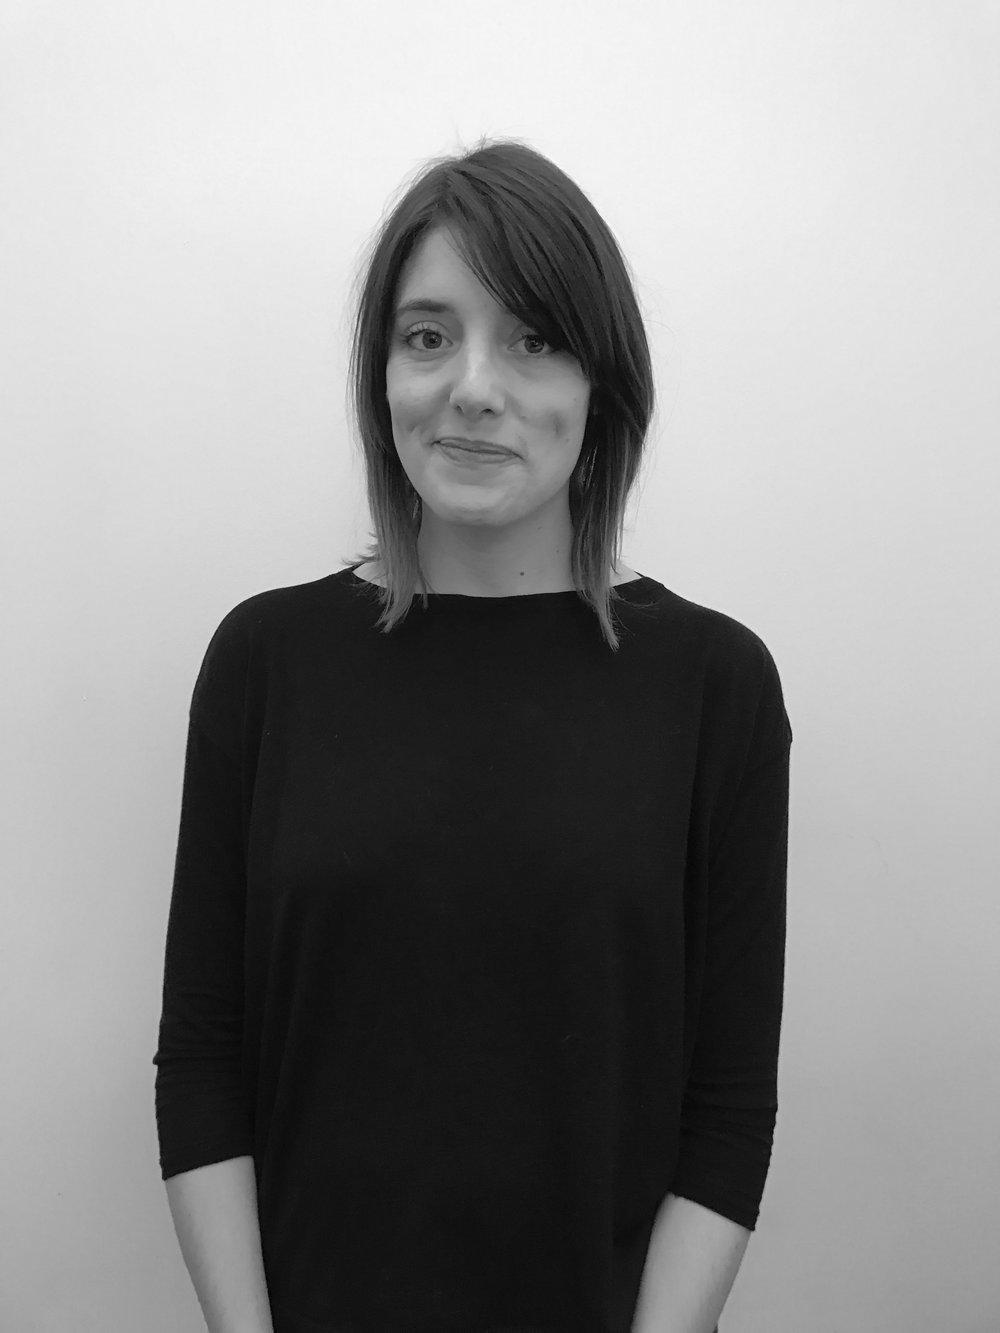 Natalie Prout